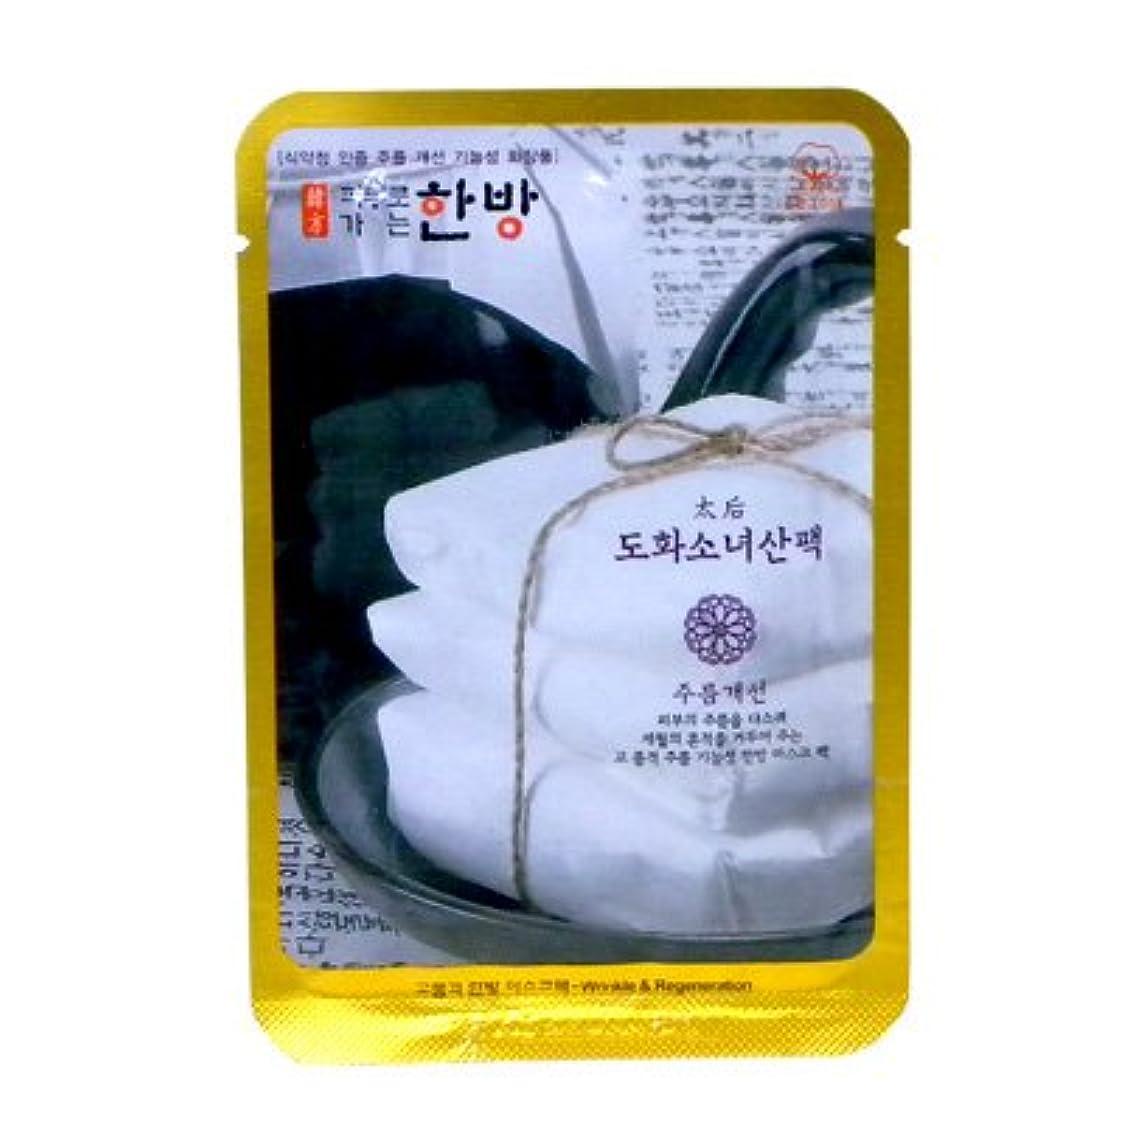 オーラル廃棄するスキャンダル韓方マスク エルエス パック AW (高級セレブ肌・老化肌ケア)